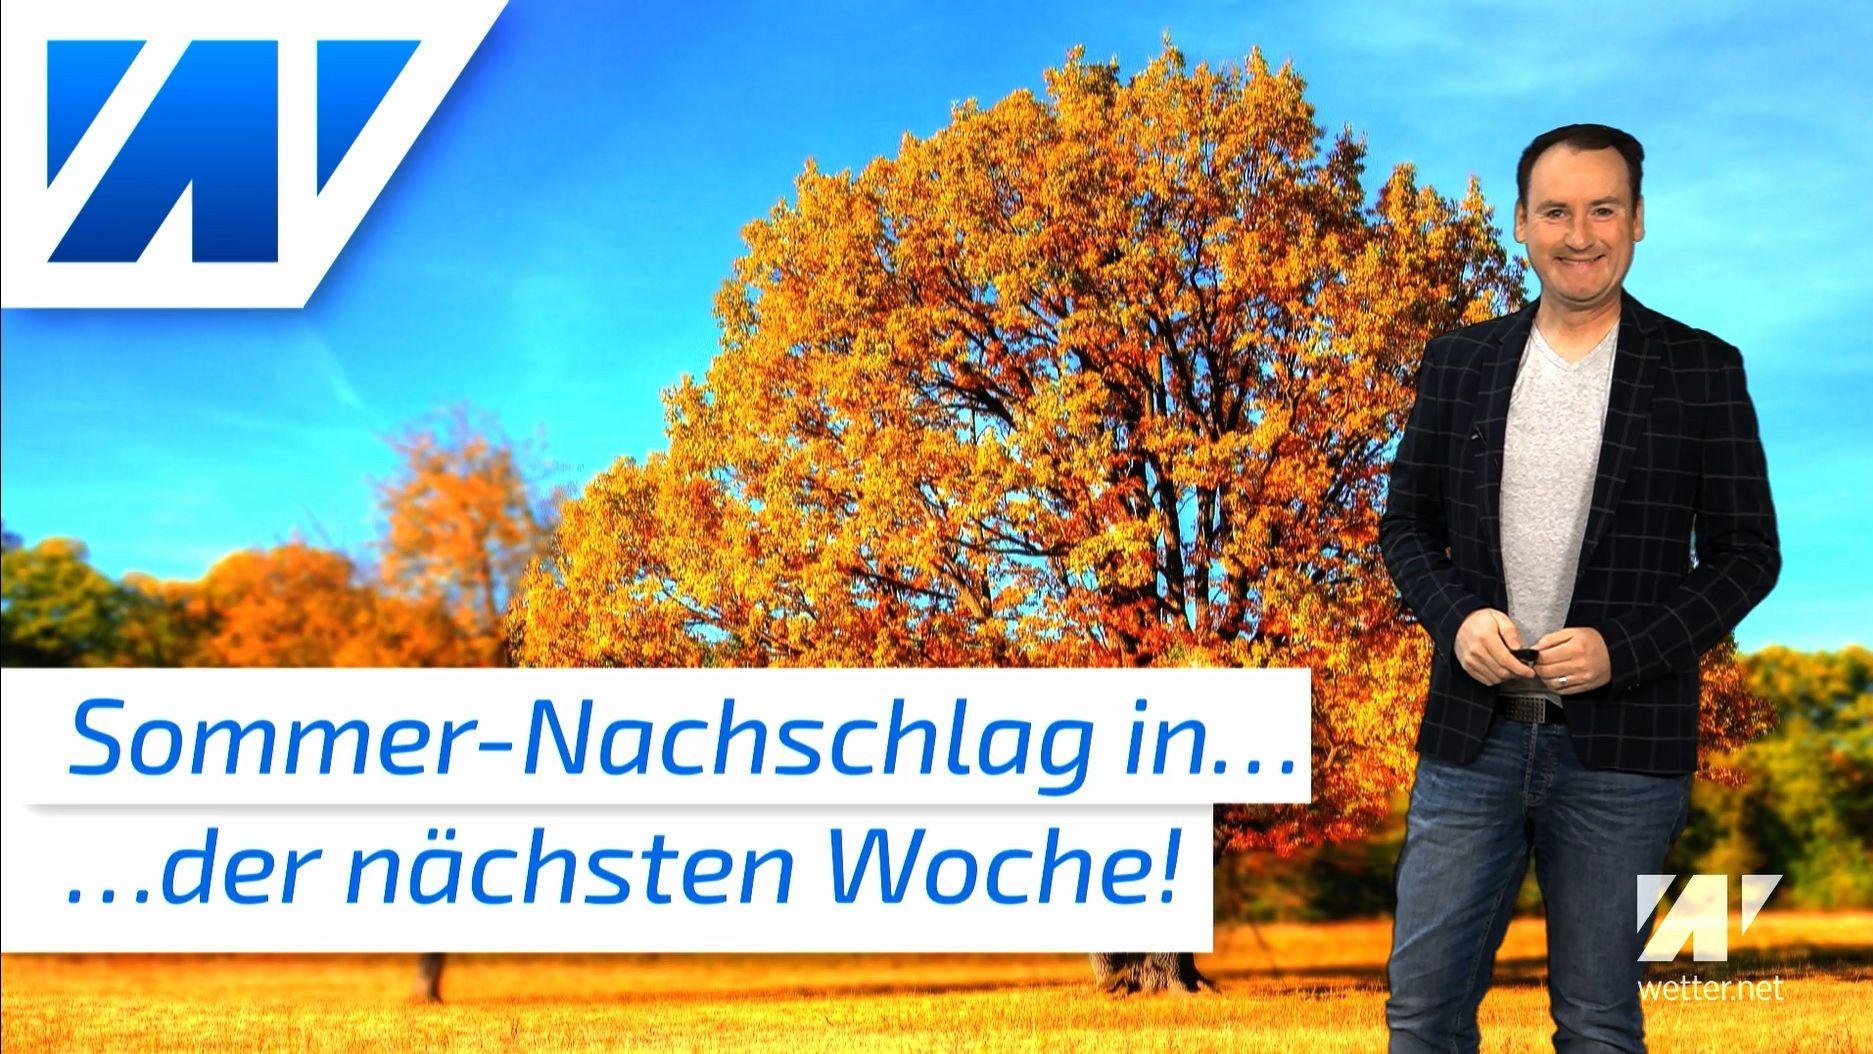 Sommer-Hammer in der nächsten Woche: Neuer Wärmepeak und viel Sonnenschein! Bestes Wetter für Weinlese!